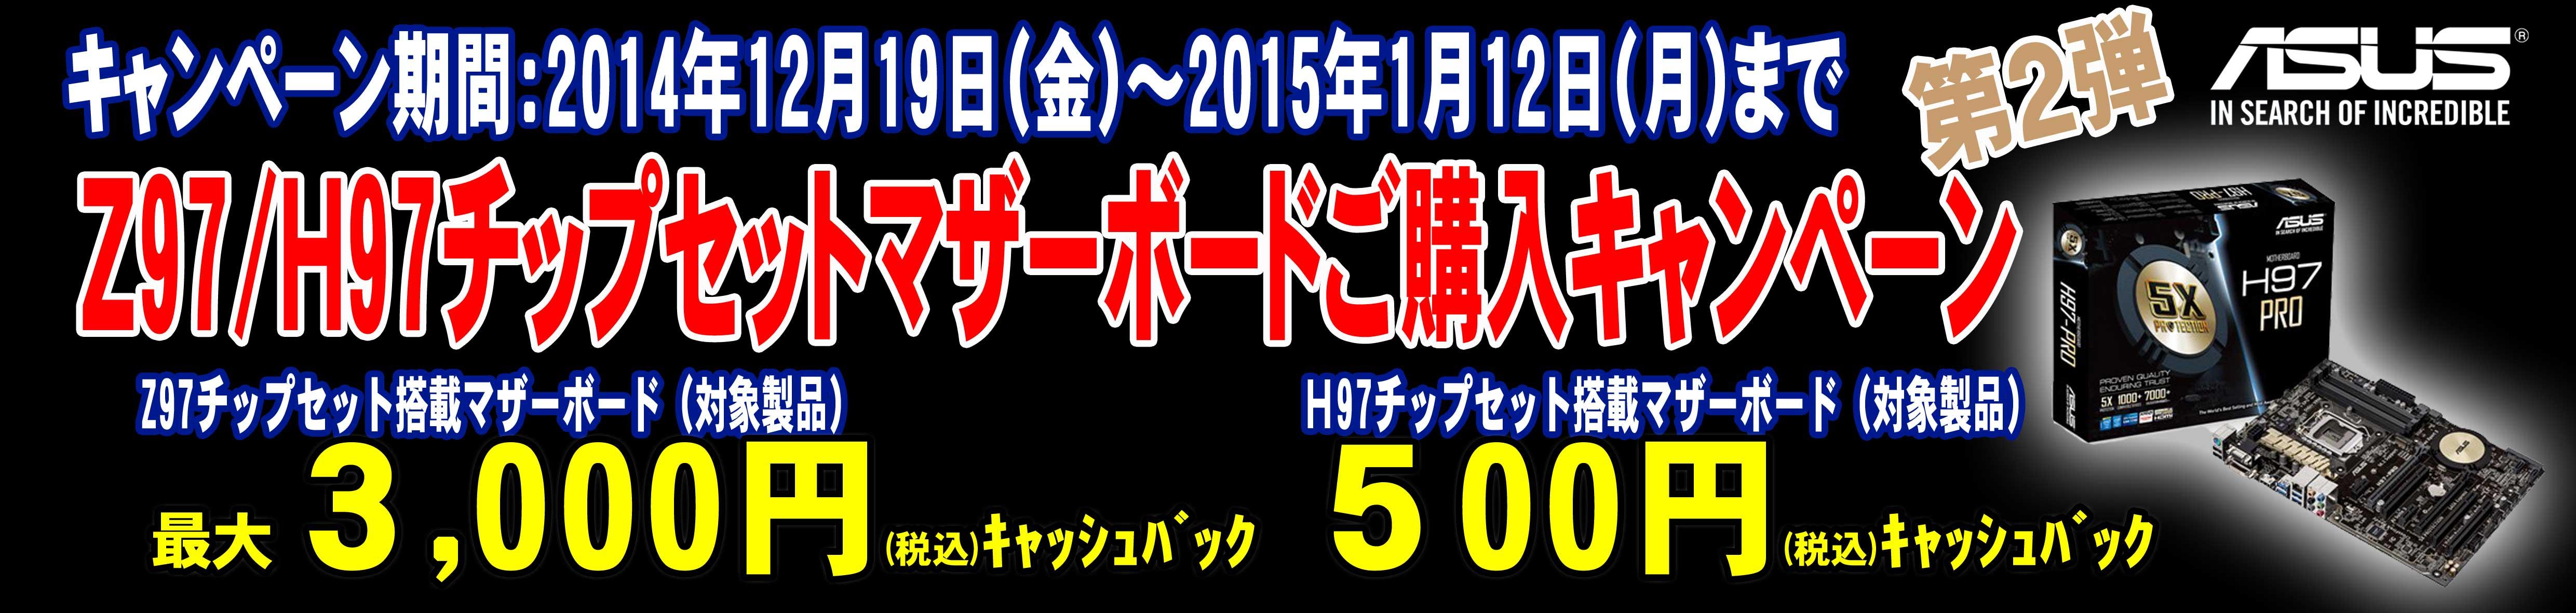 第2弾 2014'冬 Z97/H97チップセットマザーボードご購入キャンペーン